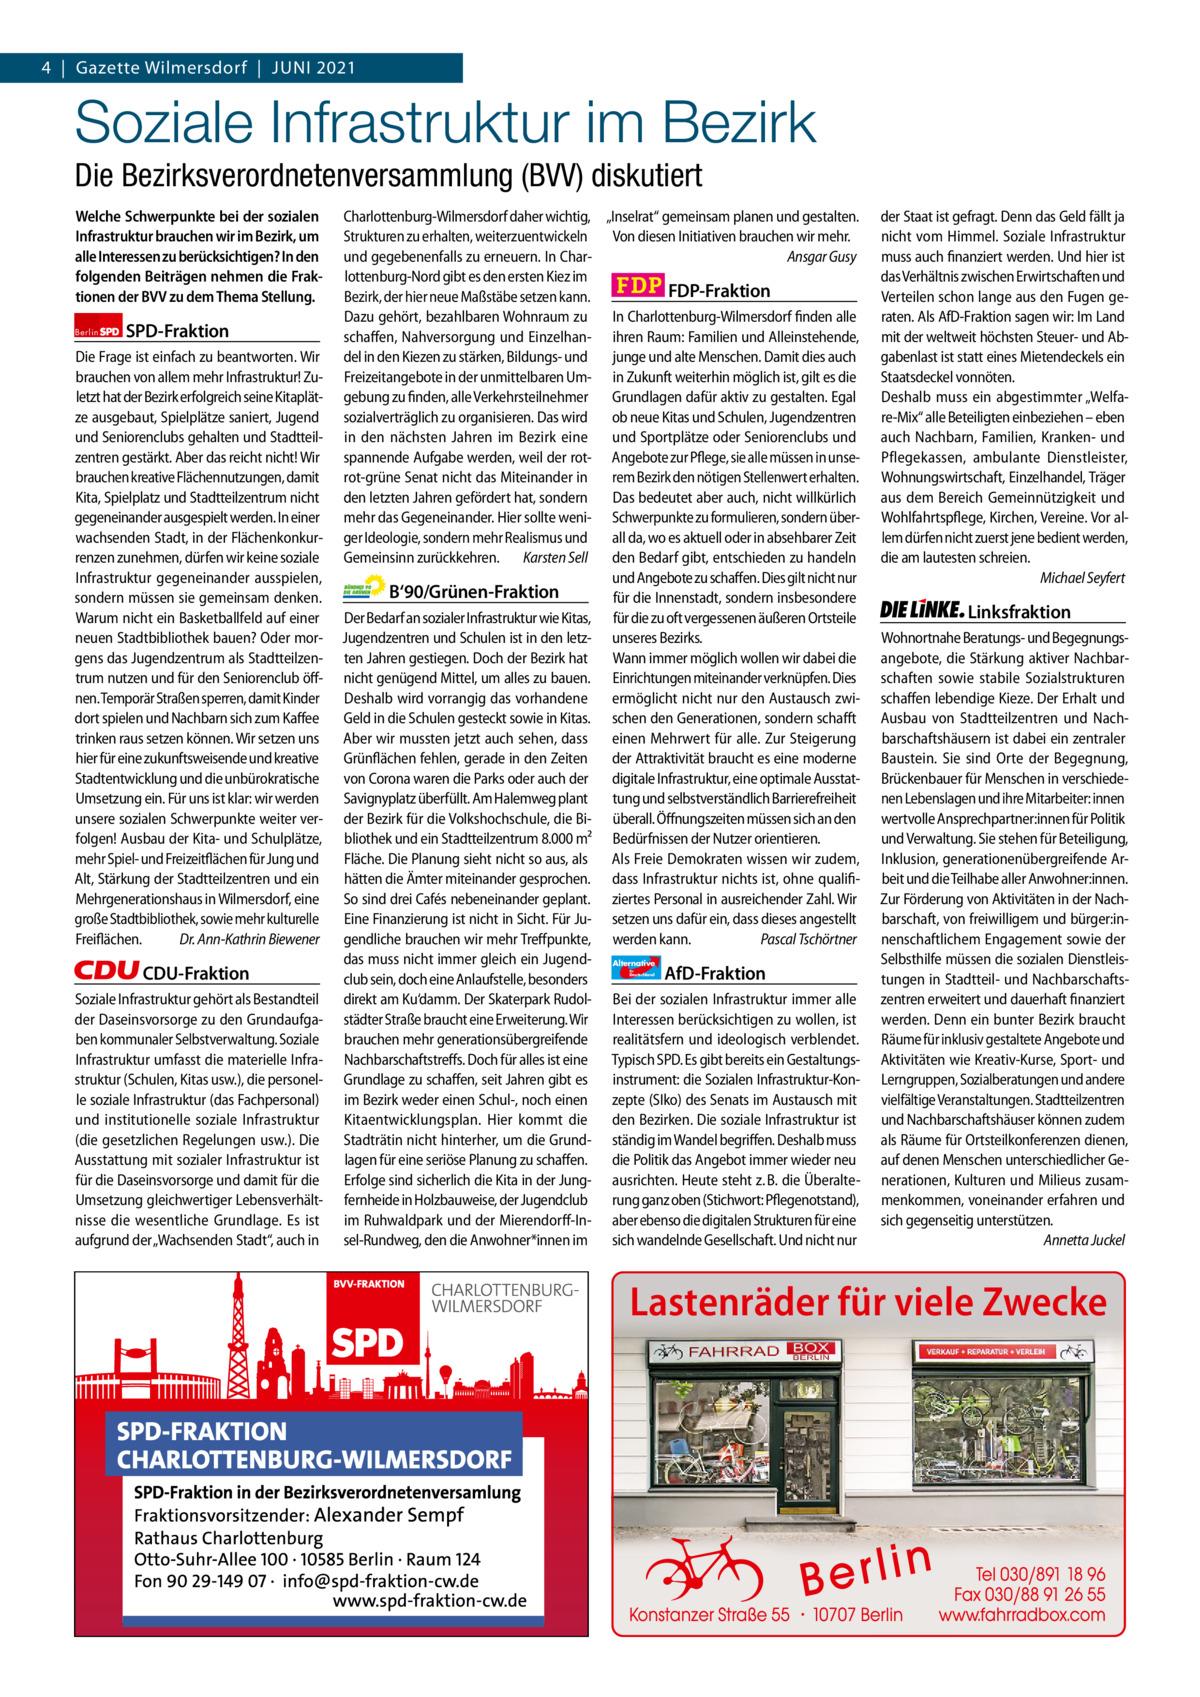 Gazette Charlottenburg & Wilmersdorf 6 4 Gazette Wilmersdorf Juni 2021  www.gazette-berlin.de  Soziale Infrastruktur im Bezirk Die Bezirksverordnetenversammlung (BVV) diskutiert Welche Schwerpunkte bei der sozialen Infrastruktur brauchen wir im Bezirk, um alle Interessen zu berücksichtigen? In den folgenden Beiträgen nehmen die Fraktionen der BVV zu dem Thema Stellung. Berlin  SPD-Fraktion  Die Frage ist einfach zu beantworten. Wir brauchen von allem mehr Infrastruktur! Zuletzt hat der Bezirk erfolgreich seine Kitaplätze ausgebaut, Spielplätze saniert, Jugend und Seniorenclubs gehalten und Stadtteilzentren gestärkt. Aber das reicht nicht! Wir brauchen kreative Flächennutzungen, damit Kita, Spielplatz und Stadtteilzentrum nicht gegeneinander ausgespielt werden. In einer wachsenden Stadt, in der Flächenkonkurrenzen zunehmen, dürfen wir keine soziale Infrastruktur gegeneinander ausspielen, sondern müssen sie gemeinsam denken. Warum nicht ein Basketballfeld auf einer neuen Stadtbibliothek bauen? Oder morgens das Jugendzentrum als Stadtteilzentrum nutzen und für den Seniorenclub öffnen. Temporär Straßen sperren, damit Kinder dort spielen und Nachbarn sich zum Kaffee trinken raus setzen können. Wir setzen uns hier für eine zukunftsweisende und kreative Stadtentwicklung und die unbürokratische Umsetzung ein. Für uns ist klar: wir werden unsere sozialen Schwerpunkte weiter verfolgen! Ausbau der Kita- und Schulplätze, mehr Spiel- und Freizeitflächen für Jung und Alt, Stärkung der Stadtteilzentren und ein Mehrgenerationshaus in Wilmersdorf, eine große Stadtbibliothek, sowie mehr kulturelle Freiflächen. Dr.Ann-Kathrin Biewener  CDU-Fraktion Soziale Infrastruktur gehört als Bestandteil der Daseinsvorsorge zu den Grundaufgaben kommunaler Selbstverwaltung. Soziale Infrastruktur umfasst die materielle Infrastruktur (Schulen, Kitas usw.), die personelle soziale Infrastruktur (das Fachpersonal) und institutionelle soziale Infrastruktur (die gesetzlichen Regelungen usw.). Die Ausstat